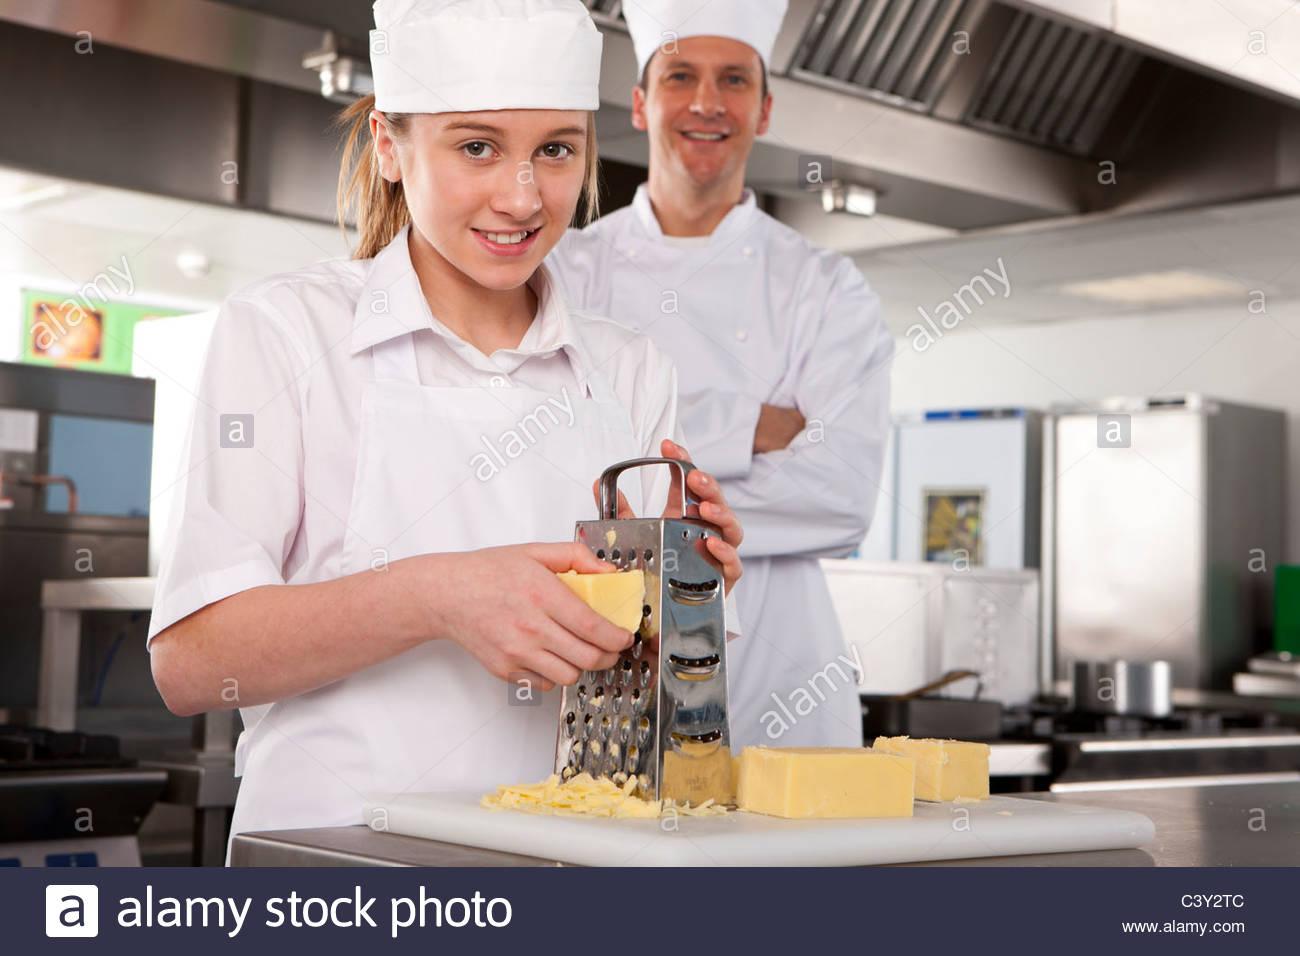 Regarder Chef fromage râper stagiaire en cuisine commerciale Photo Stock